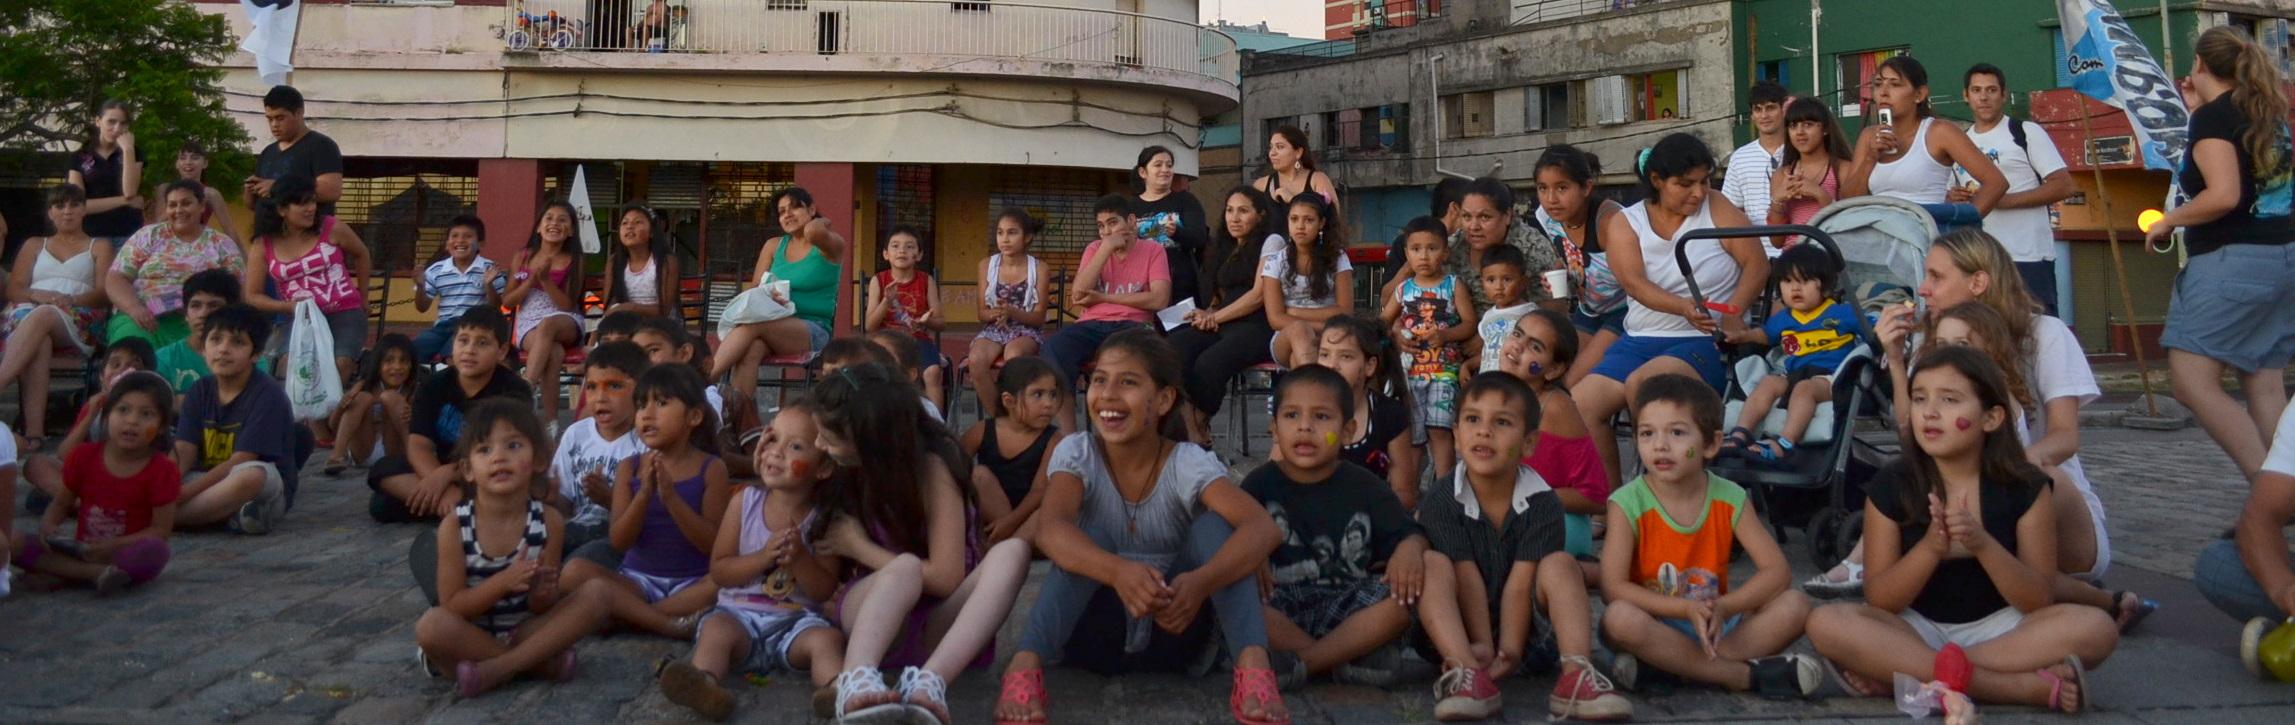 Día de Reyes en La Boca